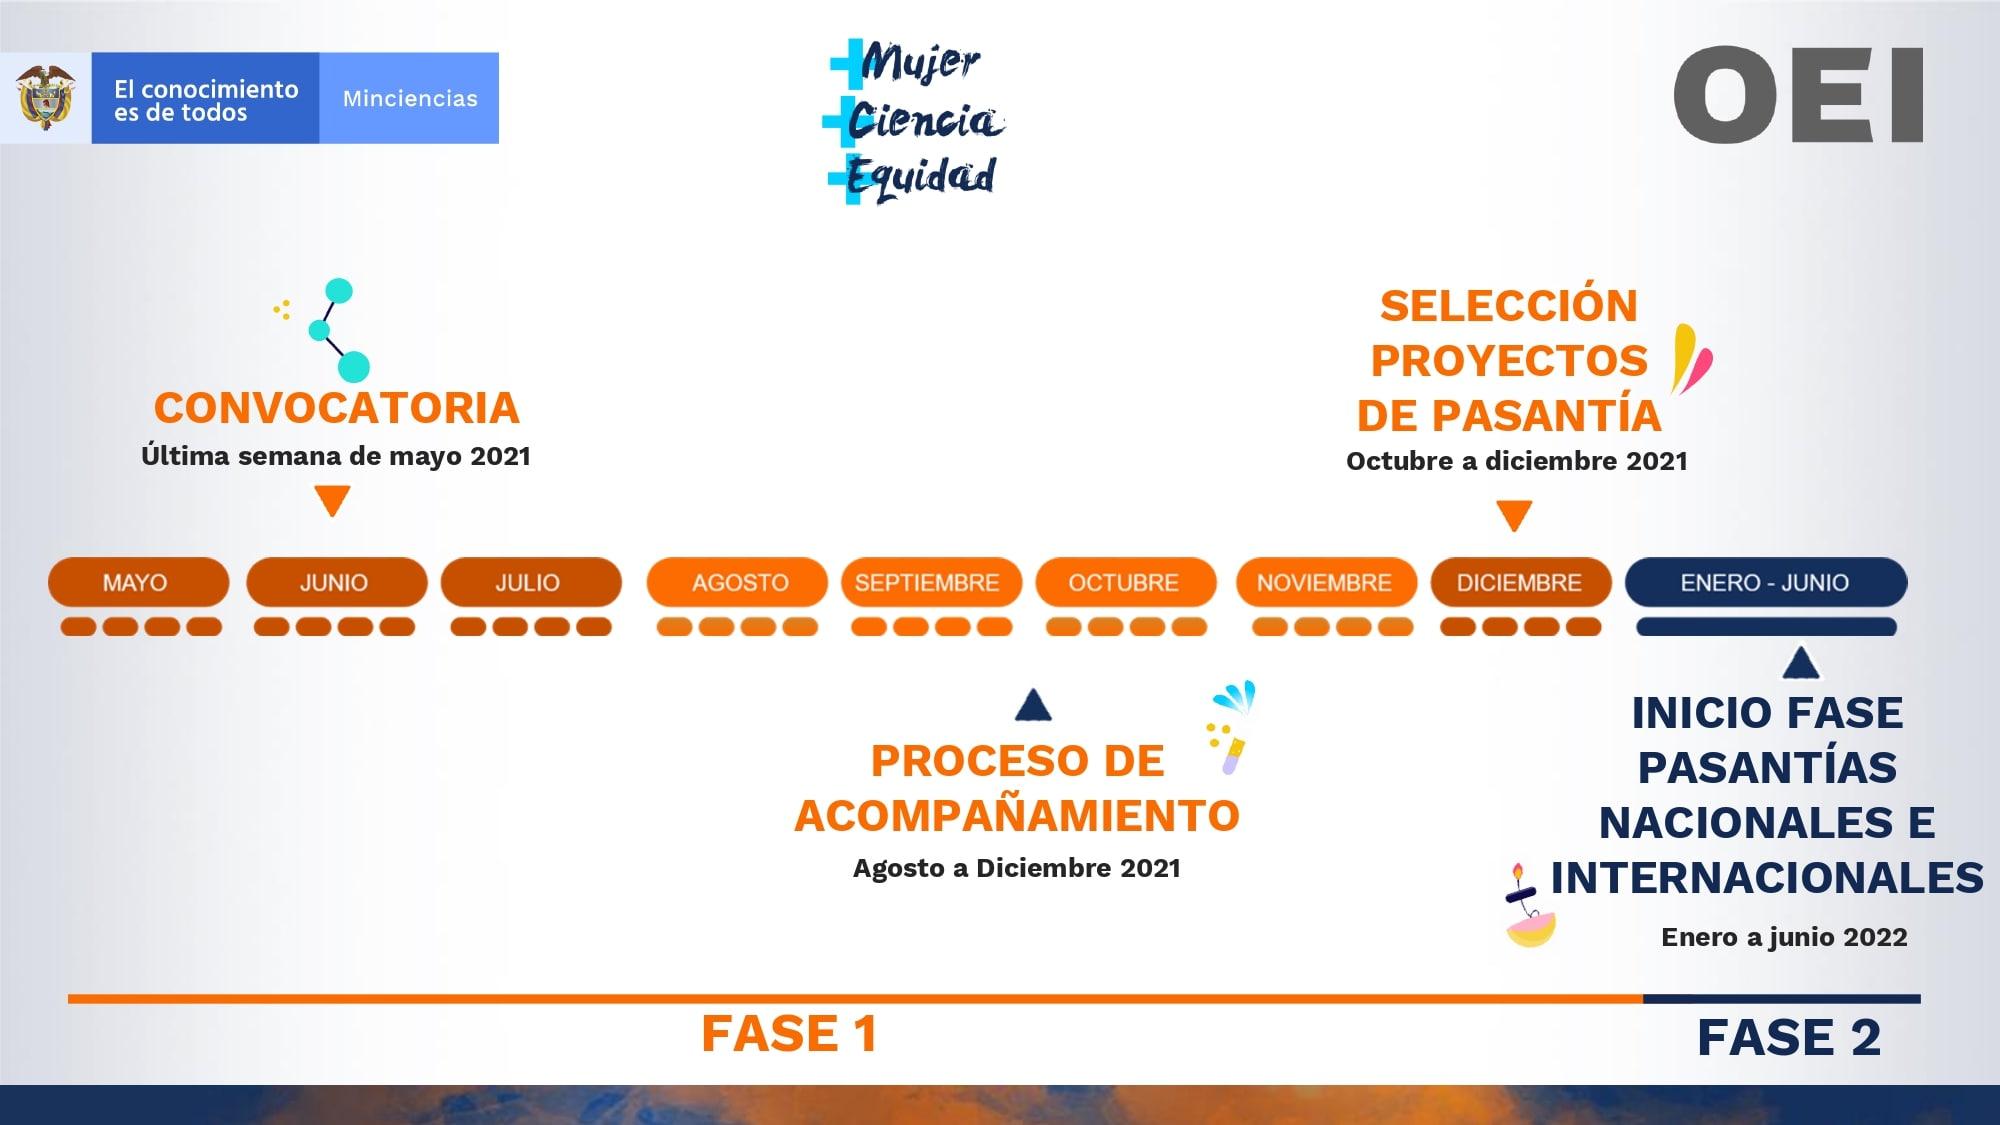 PPT MUJER +CIENCIA+EQUIDAD - Page-06-min